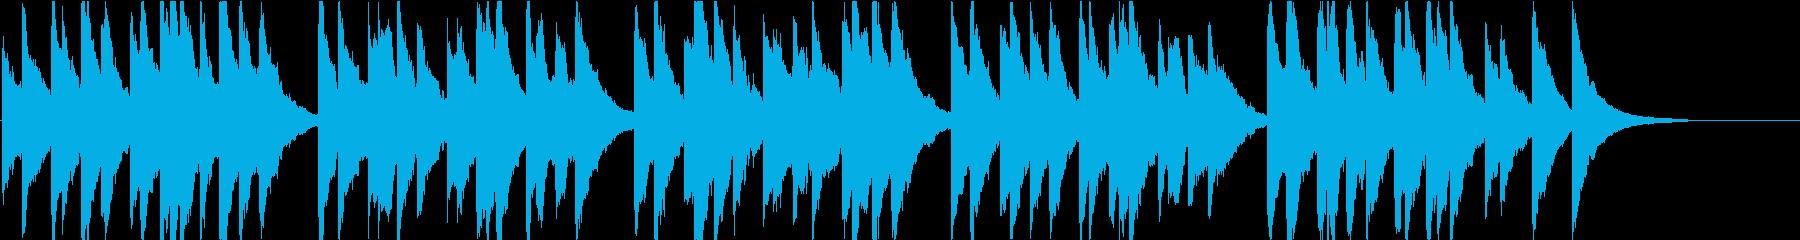 時報・チャイム風の名曲のメロディ・17の再生済みの波形